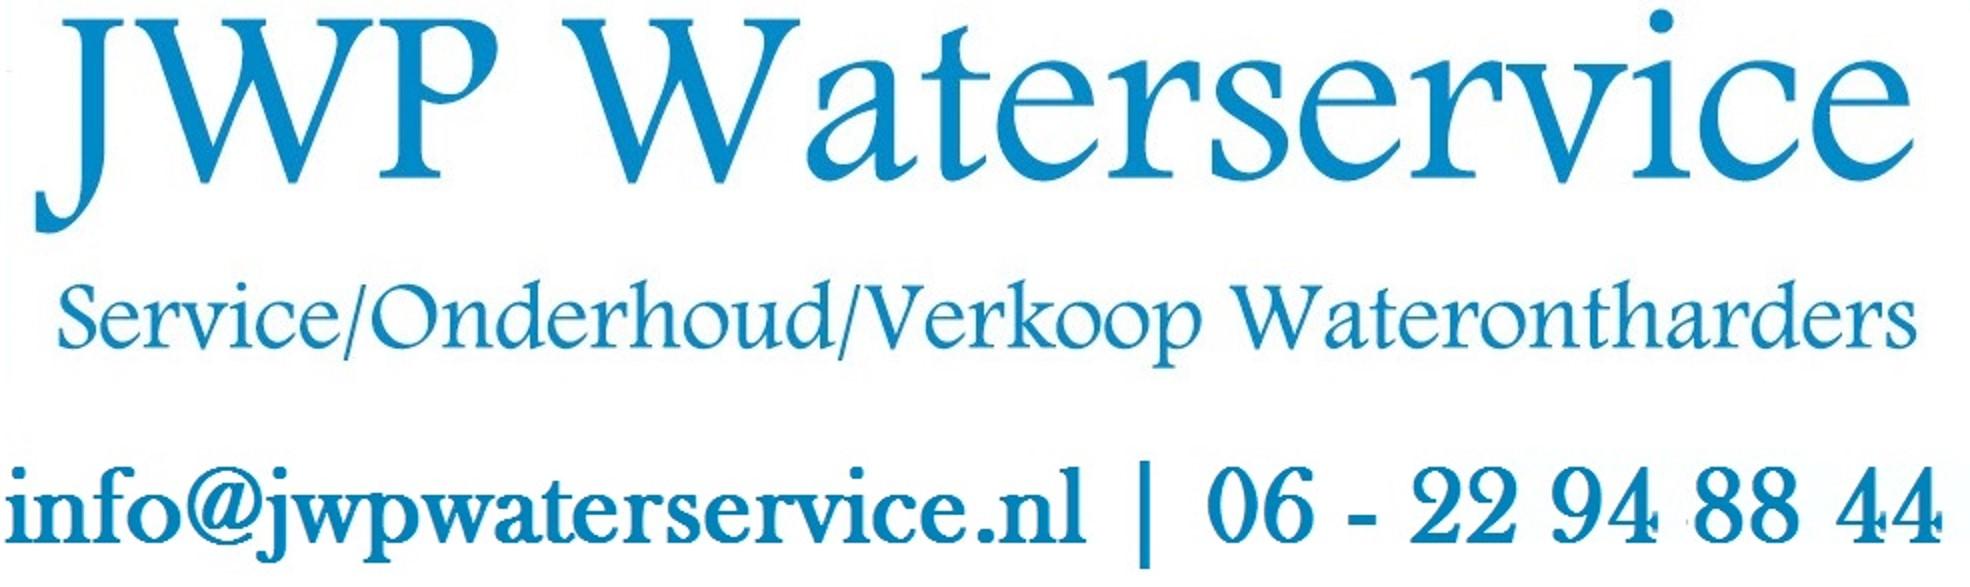 JWP Waterservice